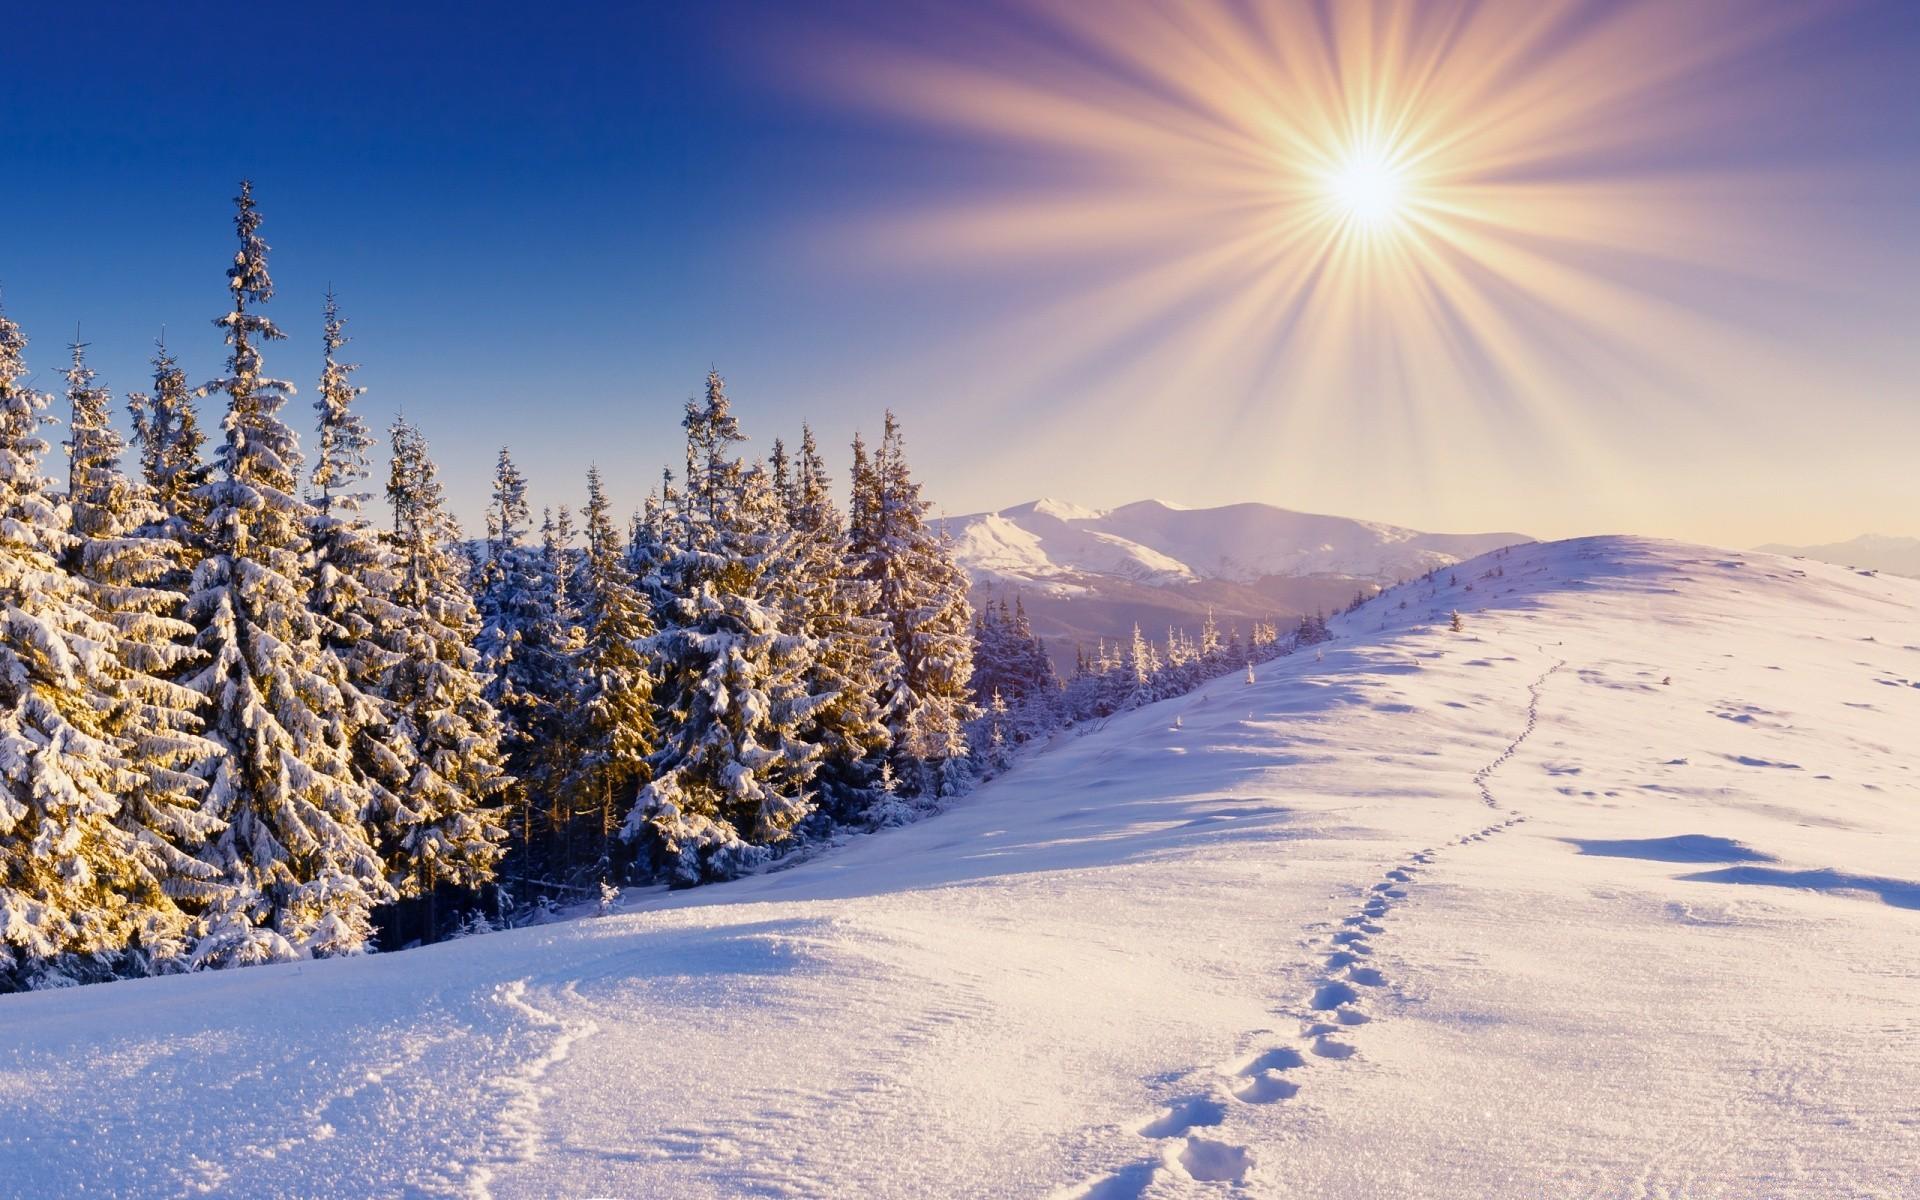 зимний солнечный лес  № 310411 бесплатно